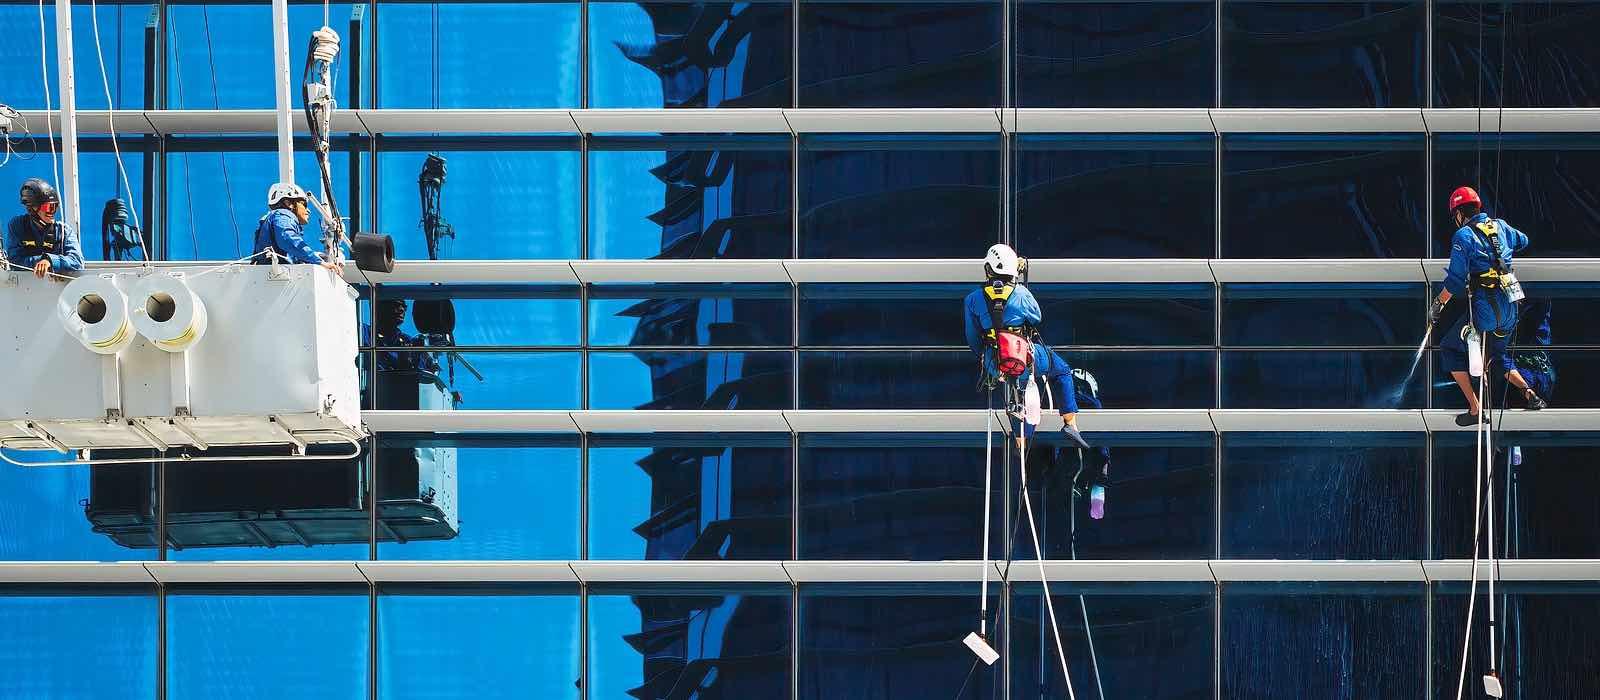 Utför fasaduppdrag med hjälp av mobil arbetsorderhantering